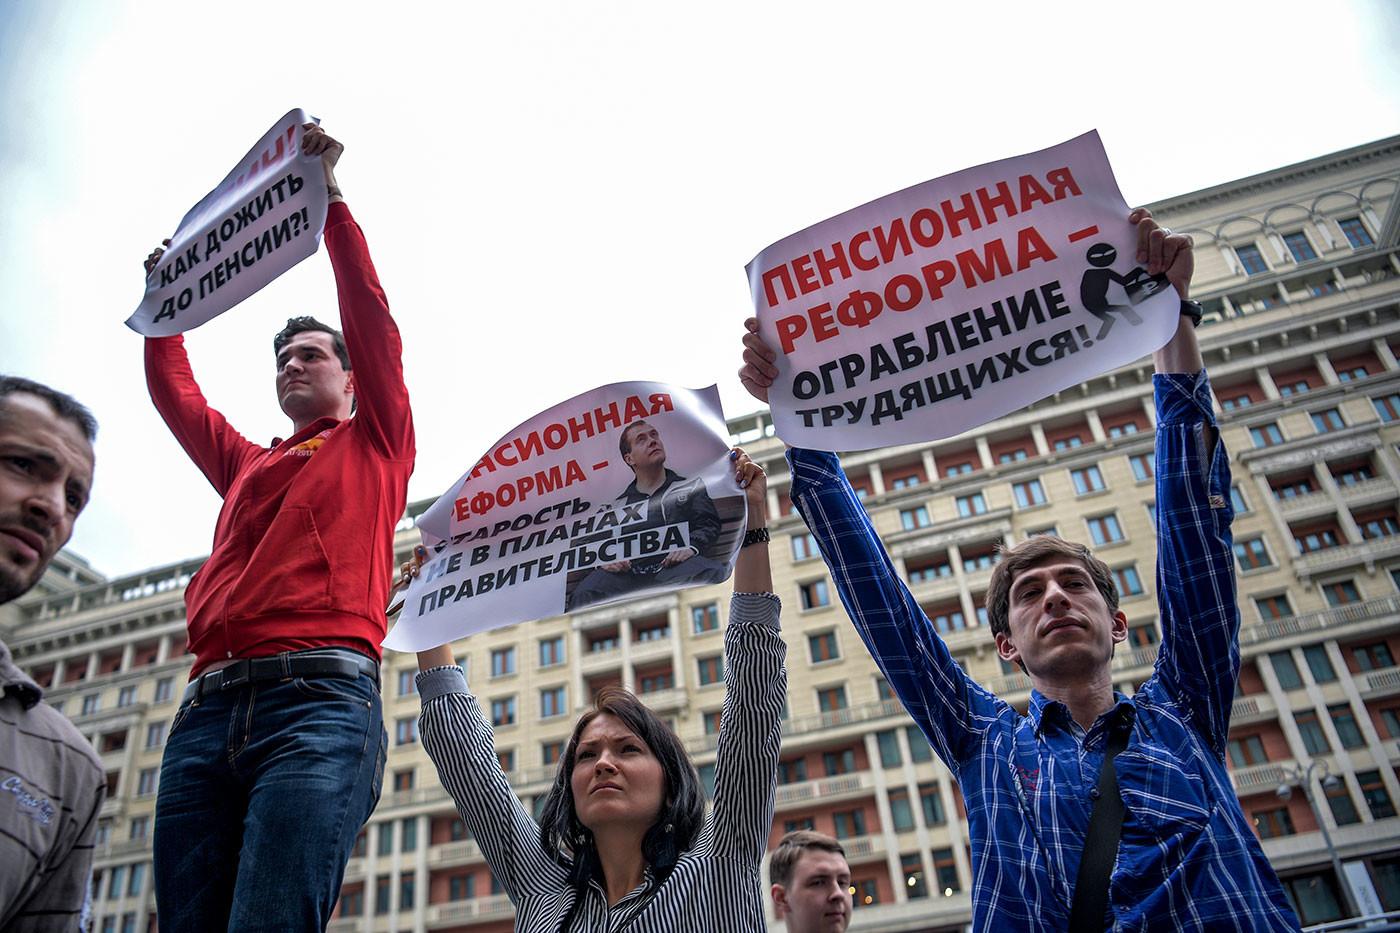 Фото: © РИА Новости/Евгений Биятов